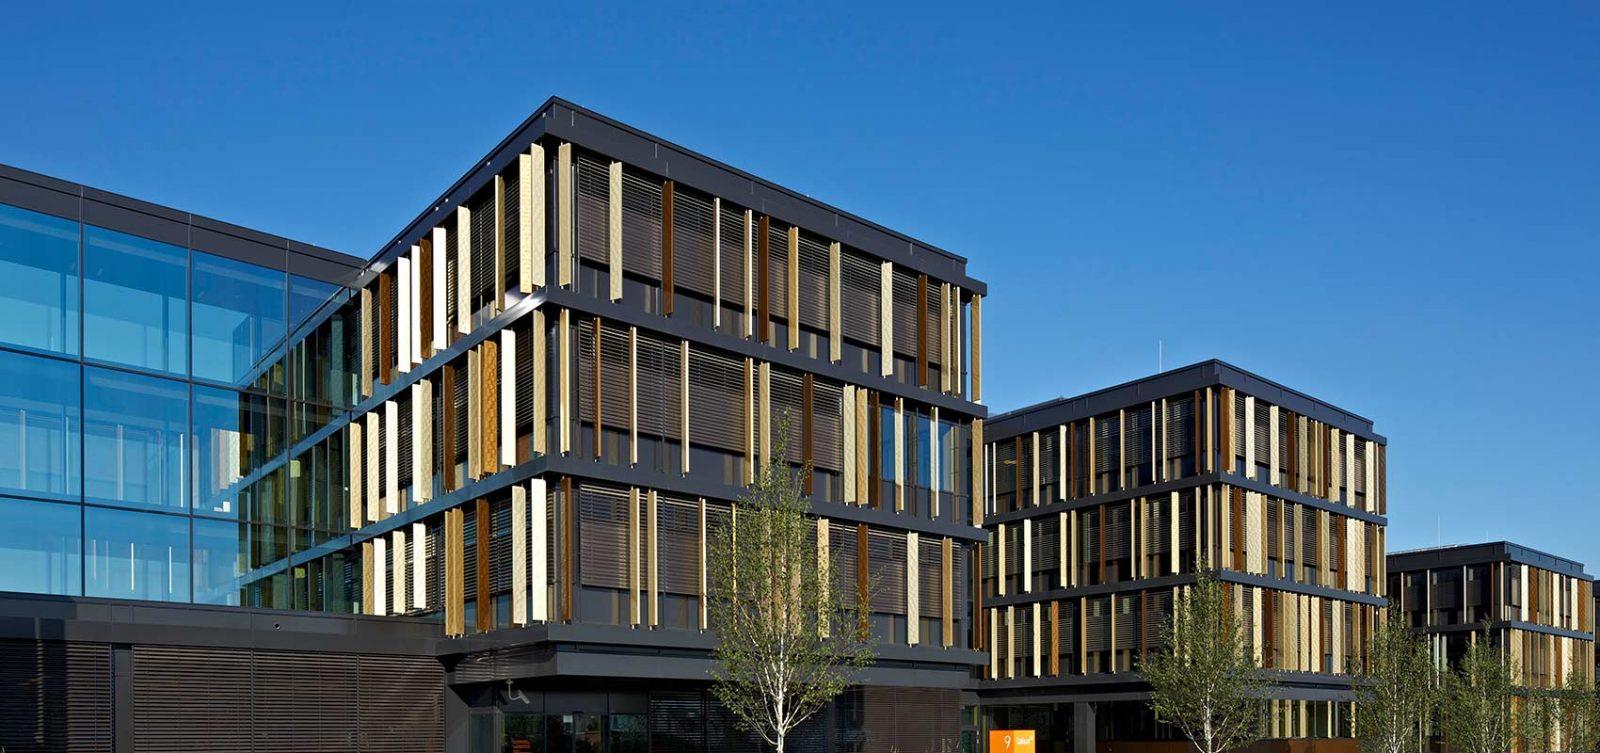 HD Wahl beschichtete die Lamellen des Firmenhauptsitzes der Firma La Lux in Lendenlange mit Anodisierung / Eloxierung SANDALOR®.